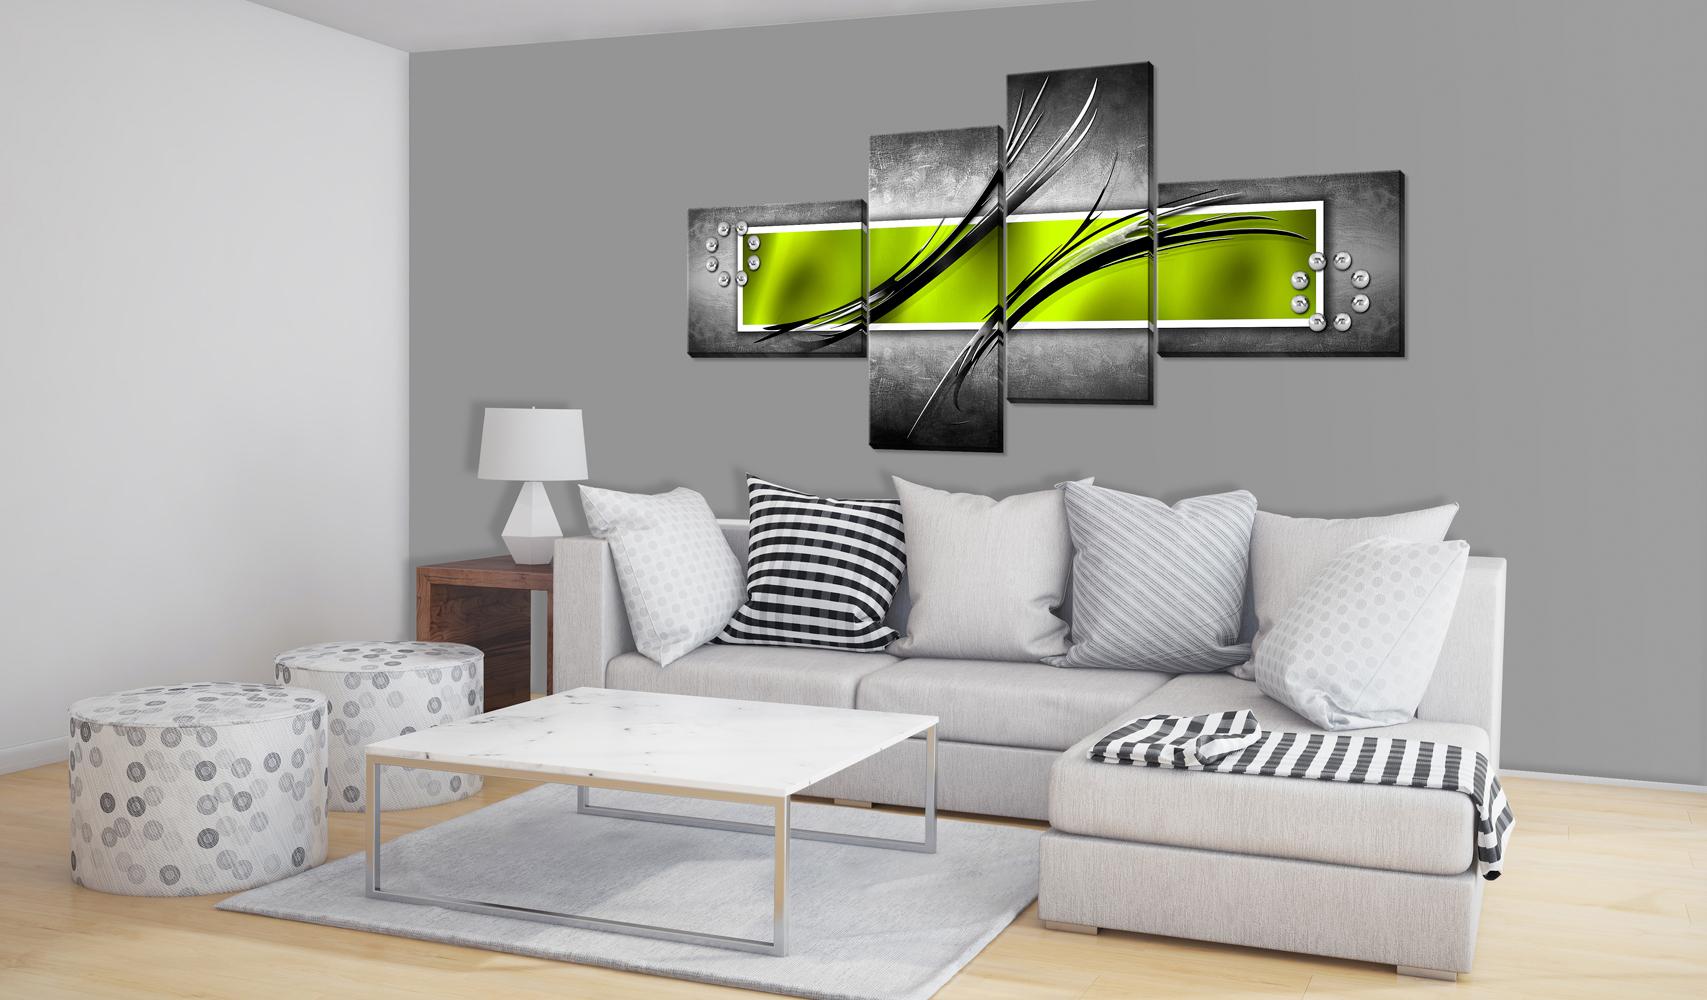 Wohnzimmer bilder xxl